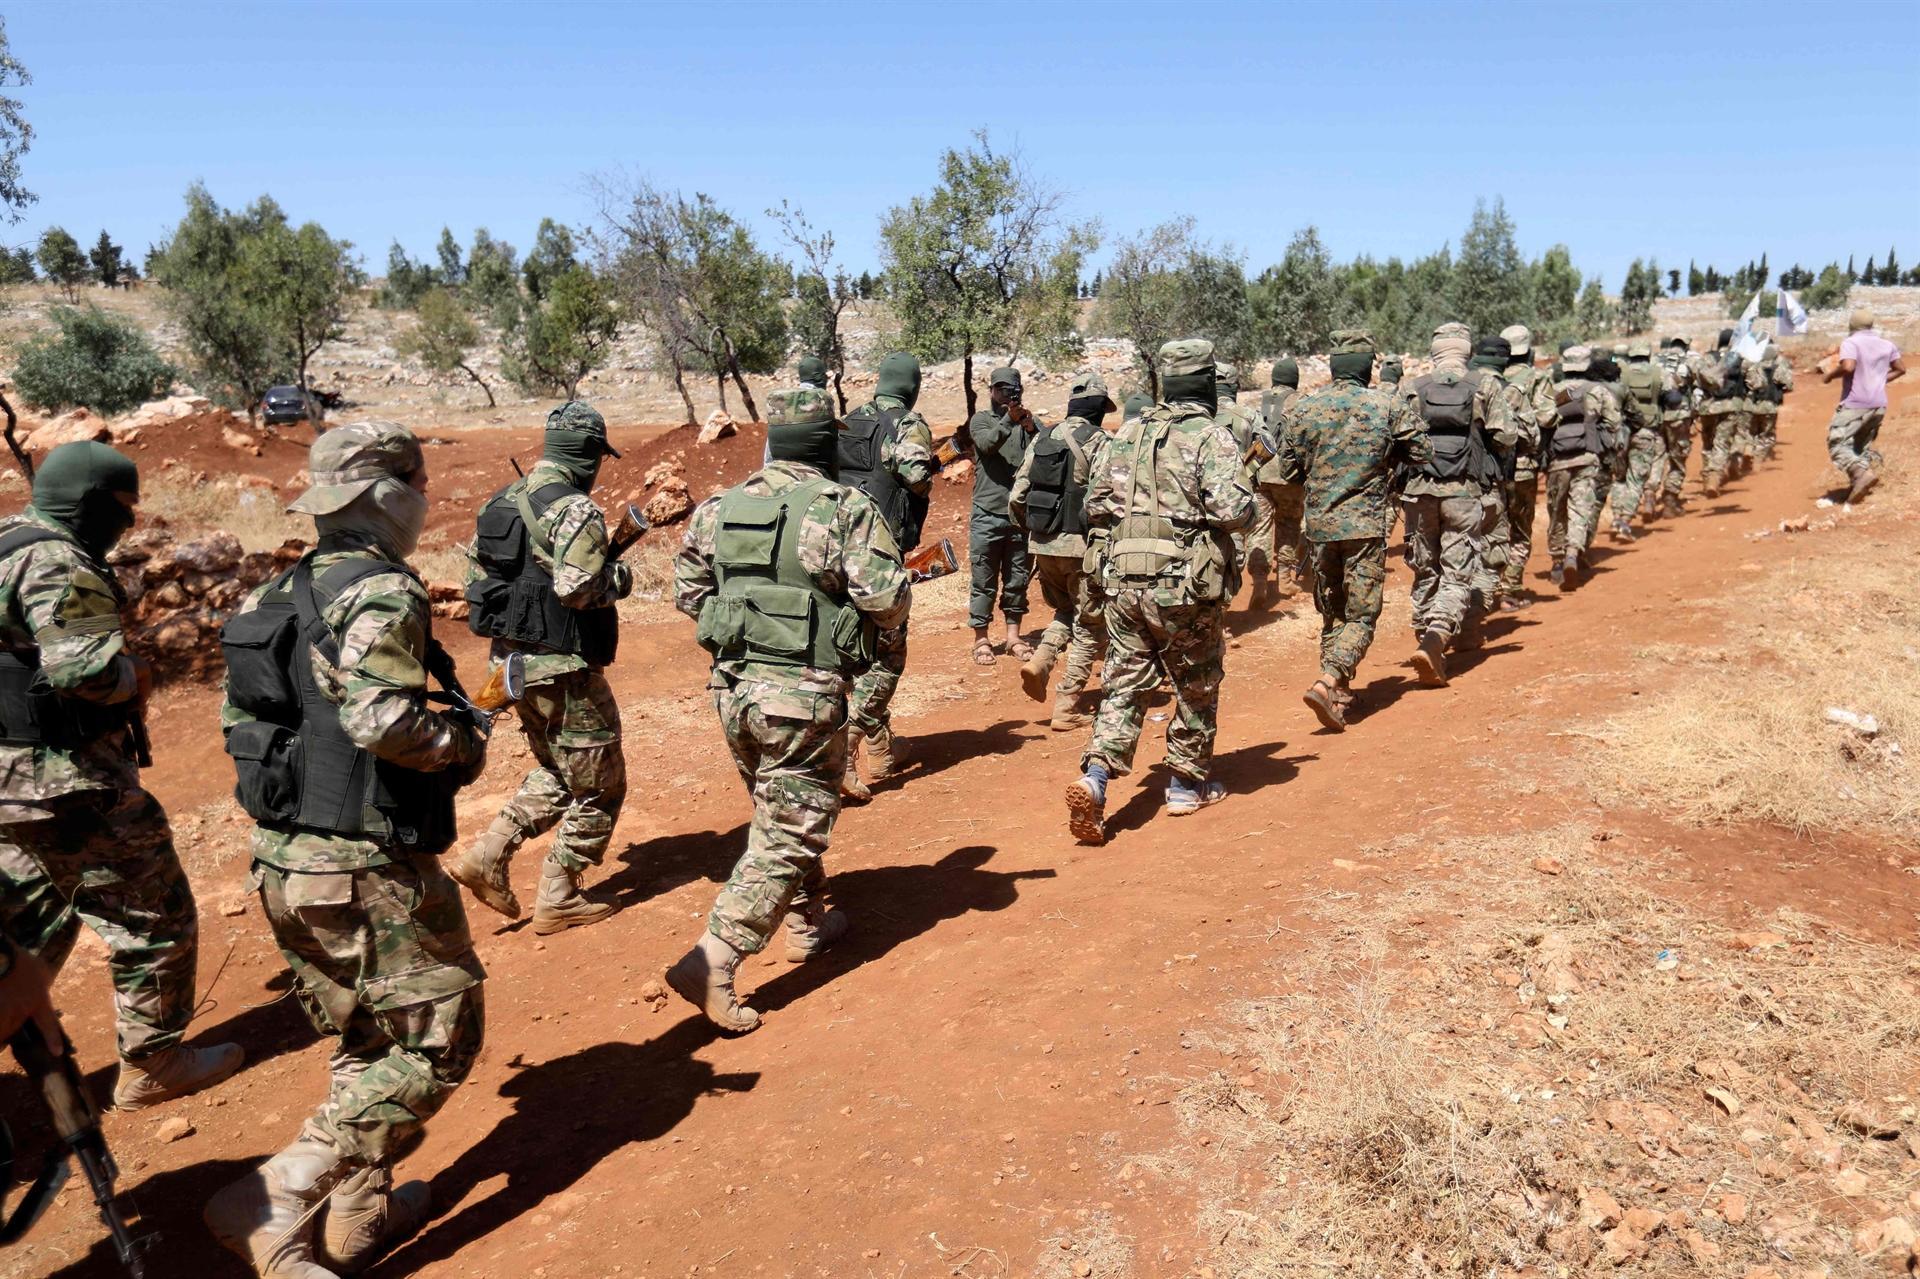 Soldati turchi al confine con la Siria (Foto: Hurriyet News)